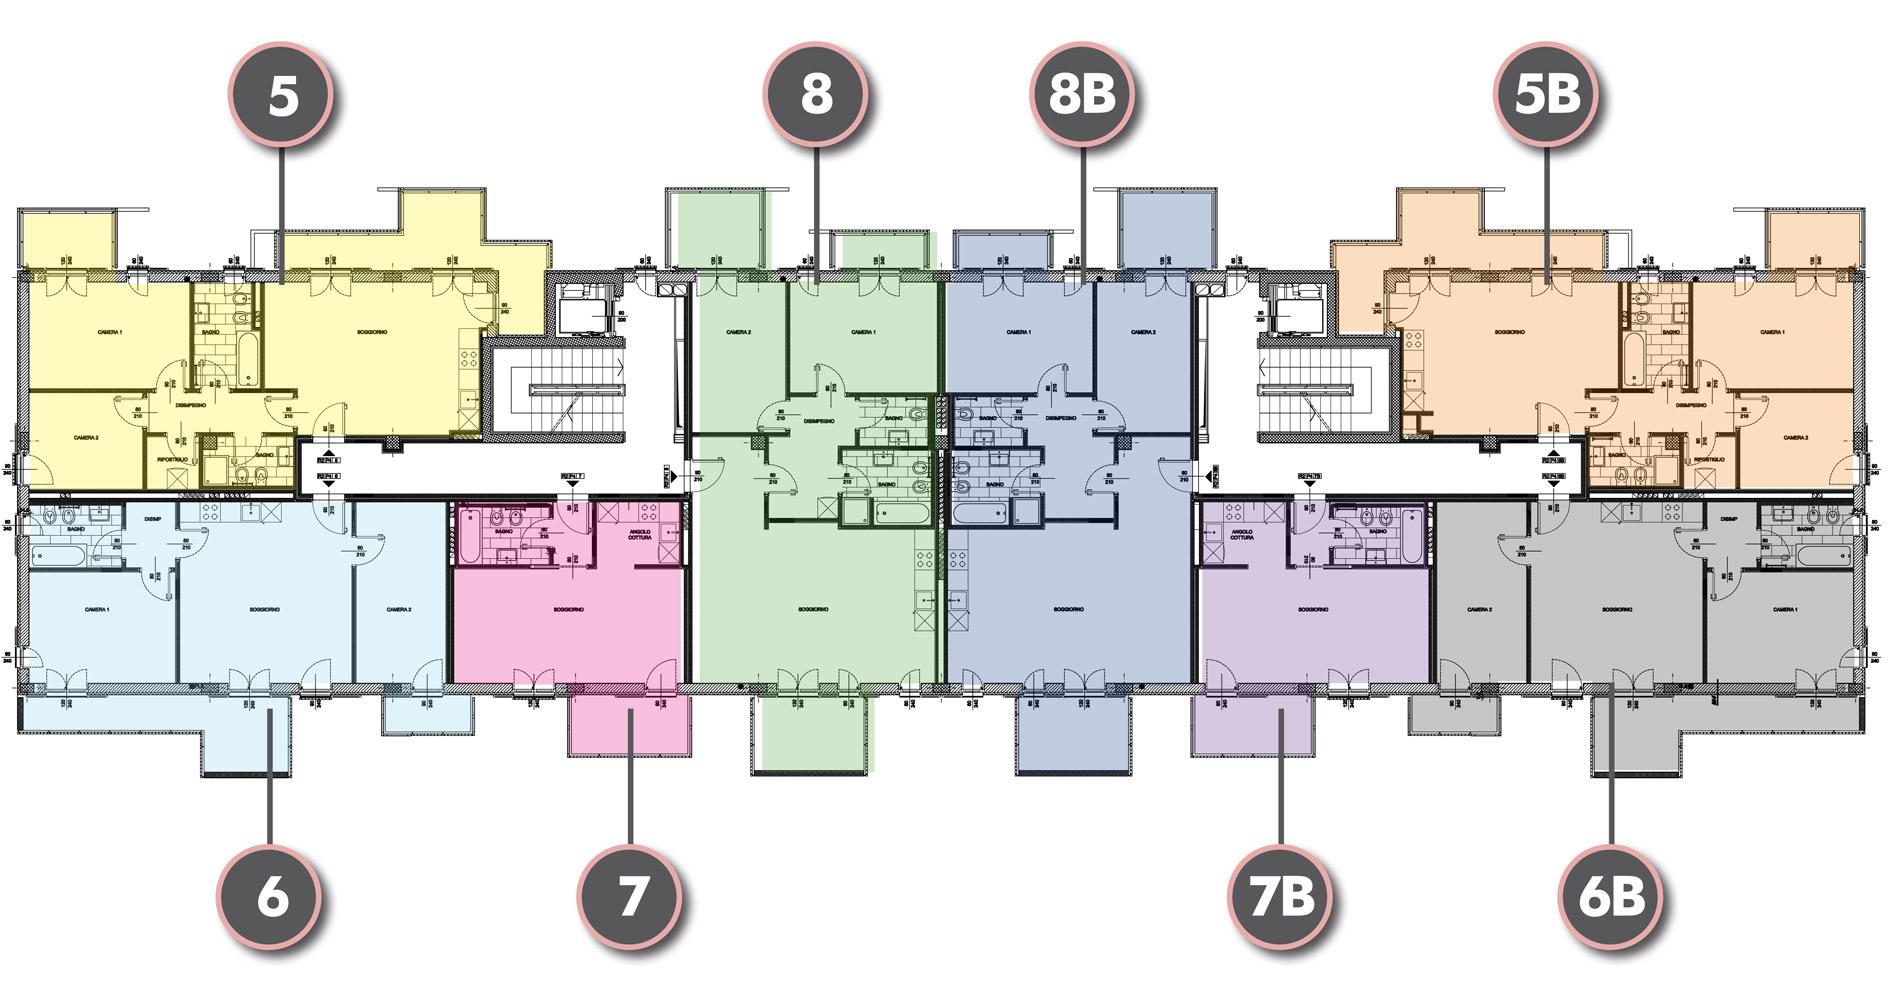 Edificio R2 - Piano Quarto